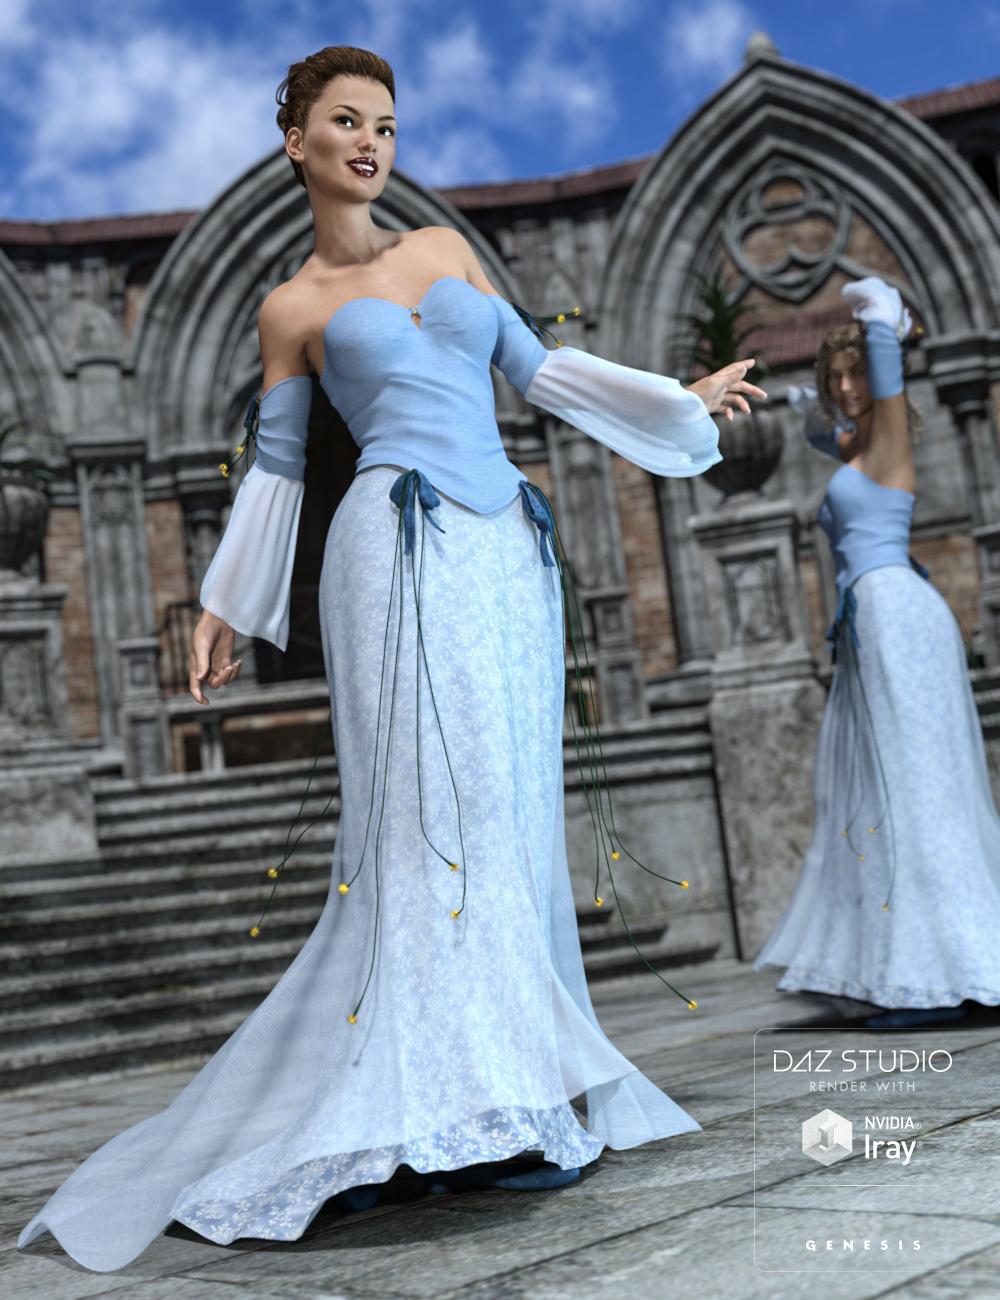 Fayre for Genesis 3 Female(s) by: JGreenleesPoisenedLilyRavenhair, 3D Models by Daz 3D